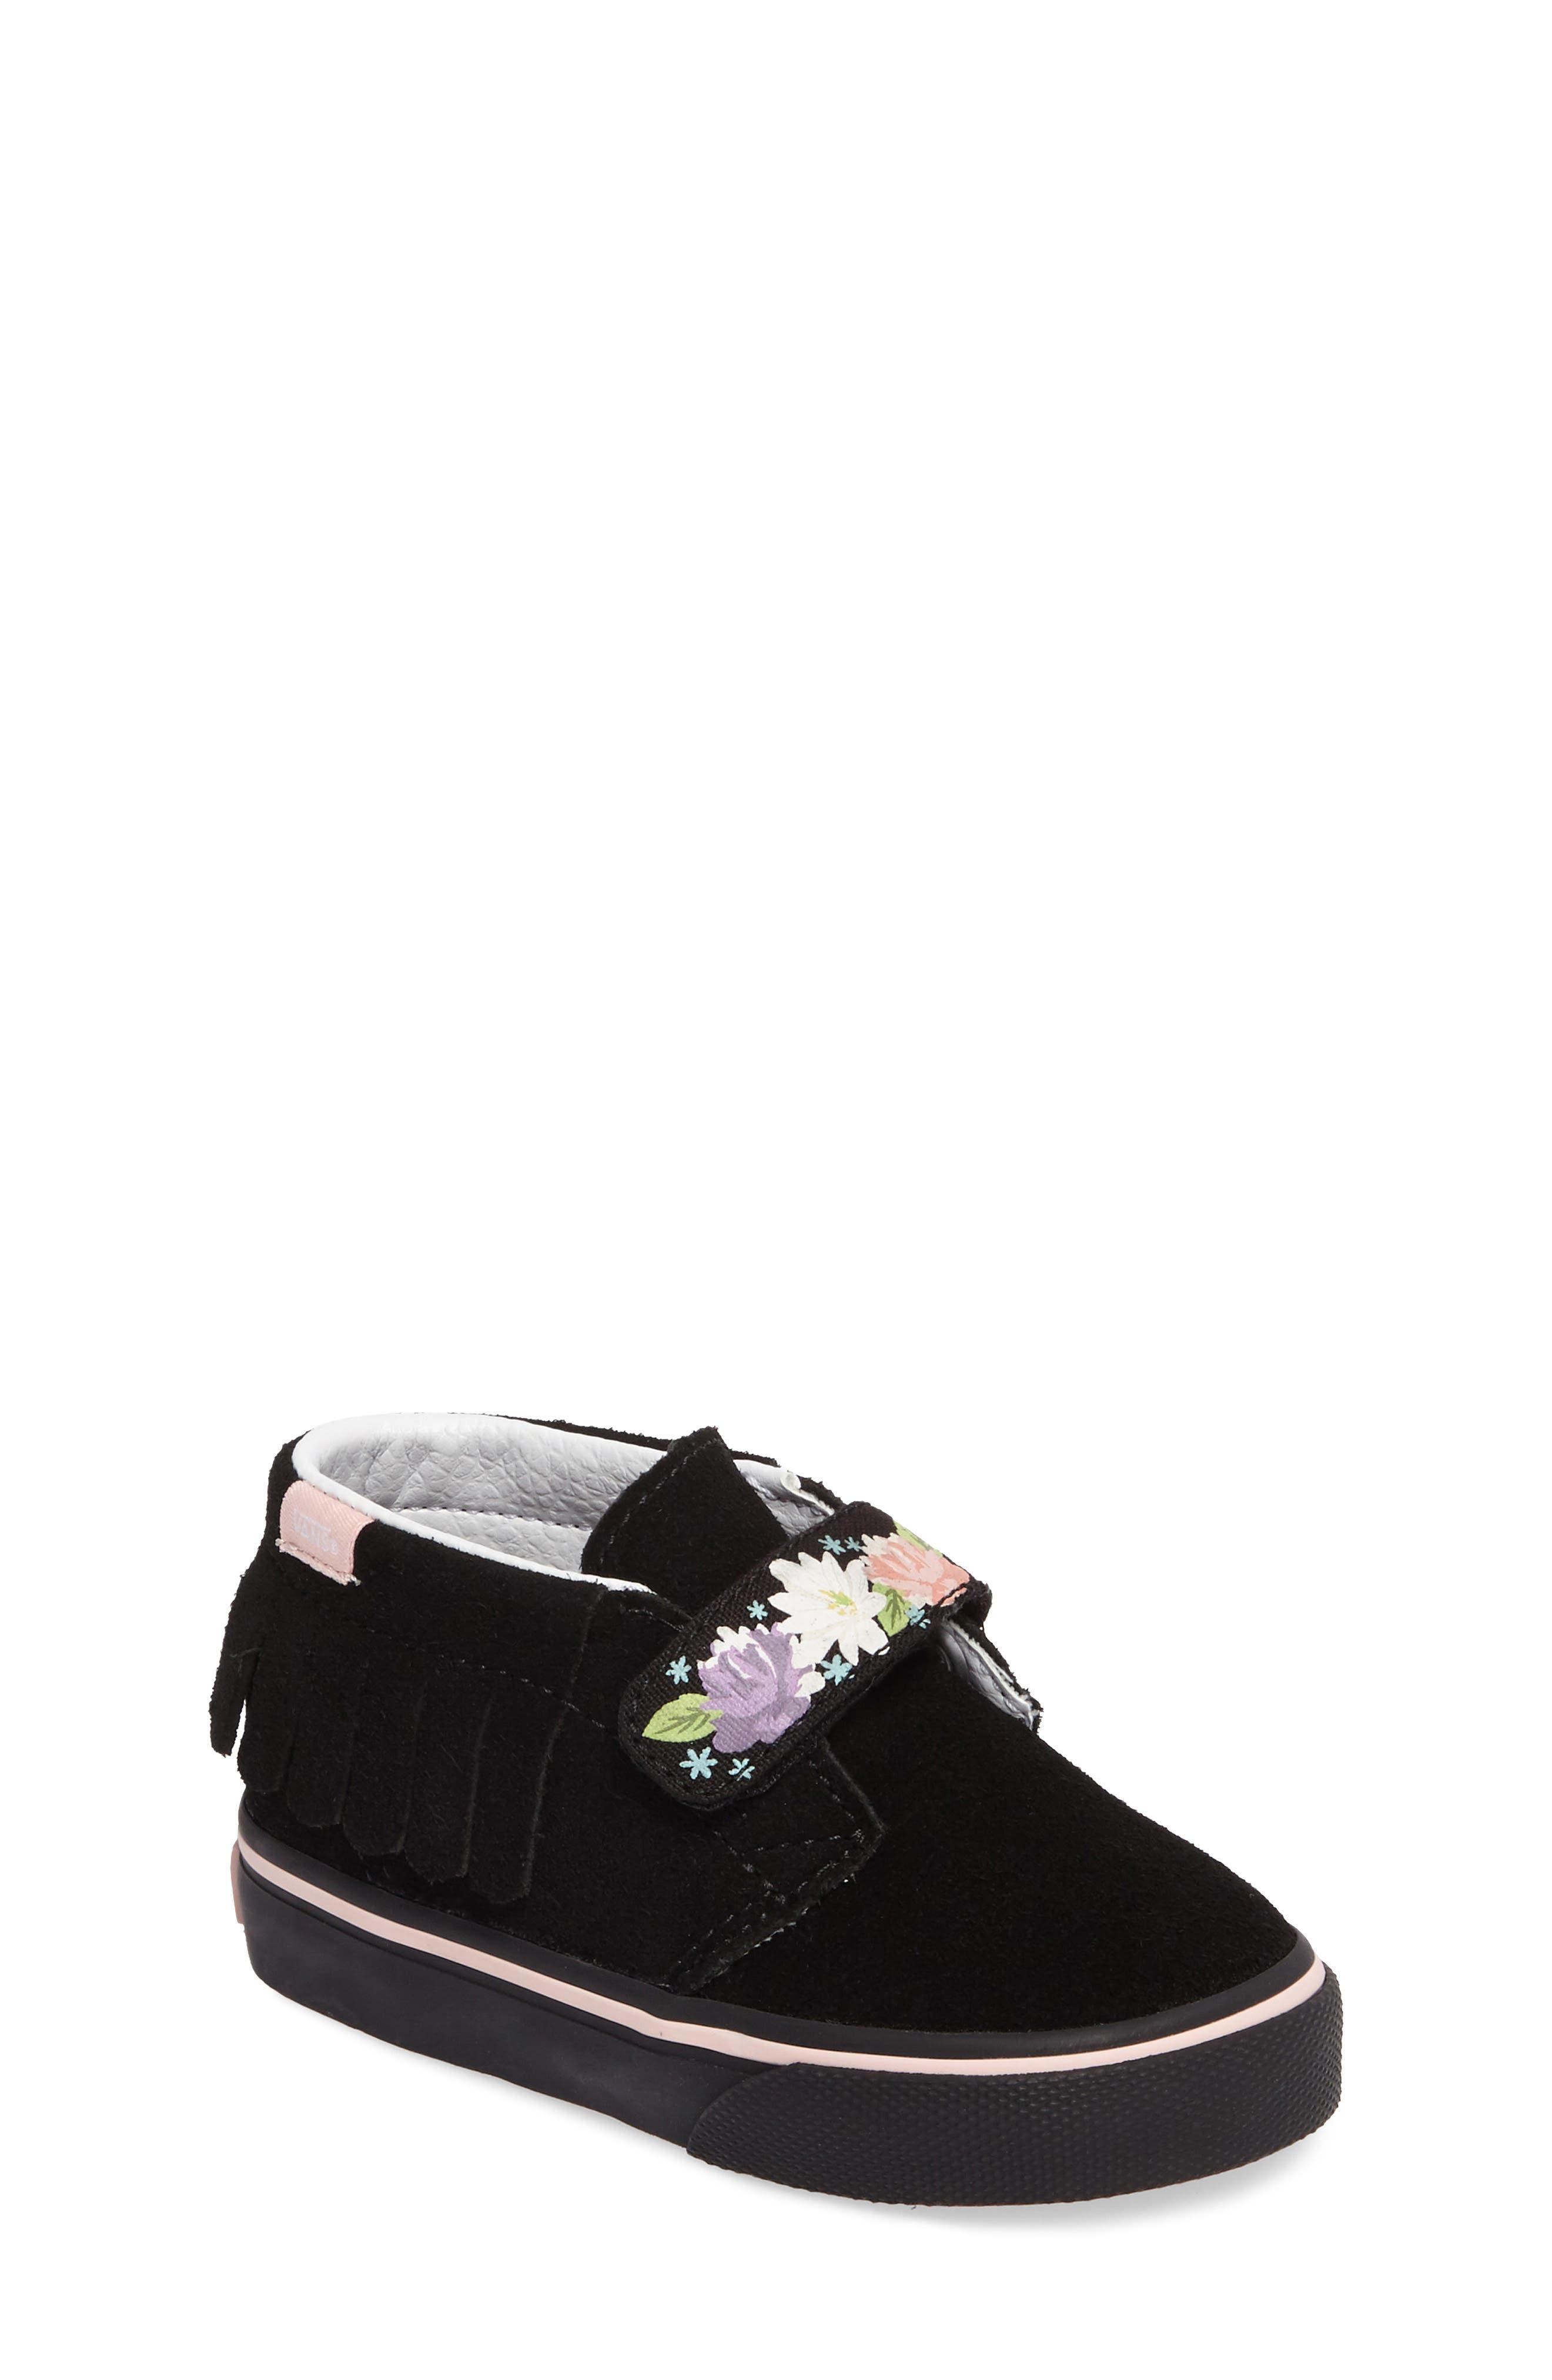 Alternate Image 1 Selected - Vans Chukka V Moc Sneaker (Baby, Walker & Toddler)